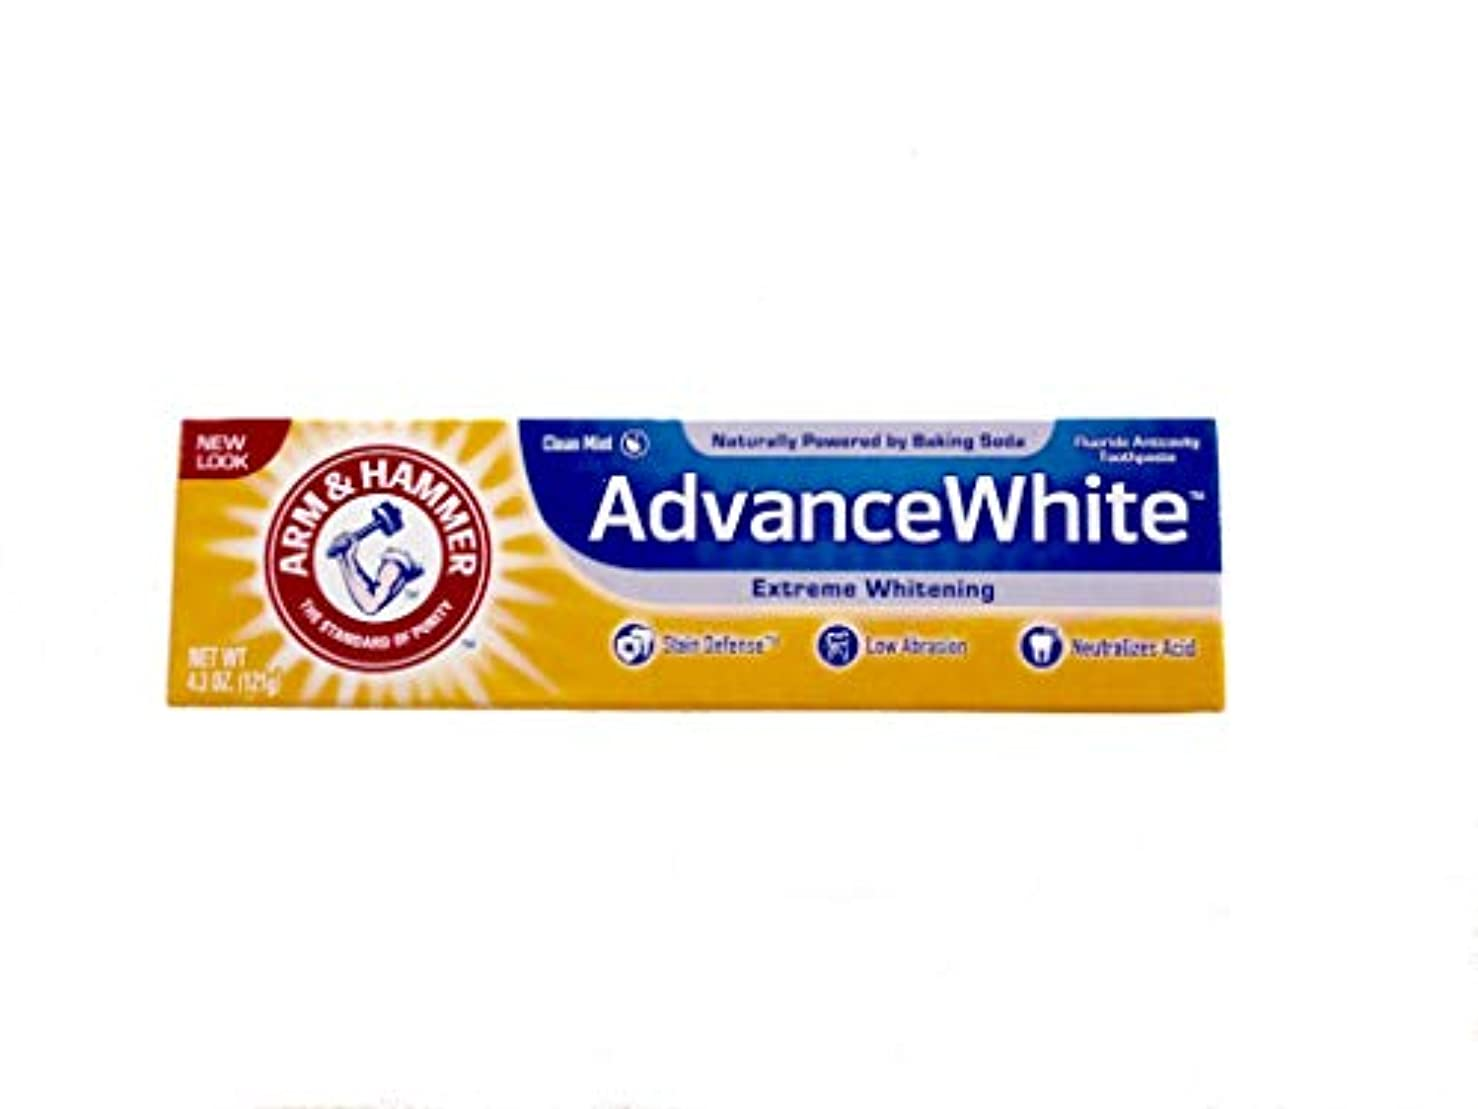 収束ドメインホステルArm & Hammer Advance White Fluoride Anti-Cavity Toothpaste with Baking Soda & Peroxide - 4.3 oz by Arm & Hammer...